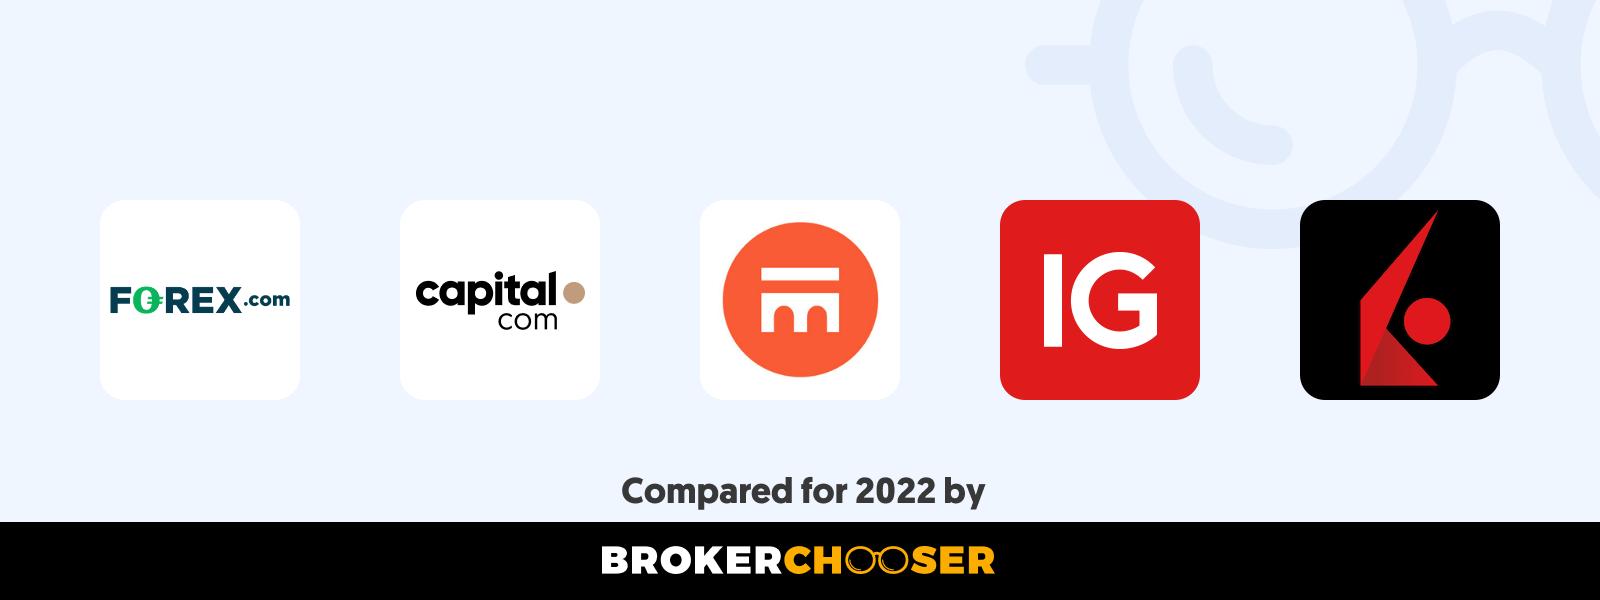 Best forex brokers for beginners in Macau in 2021